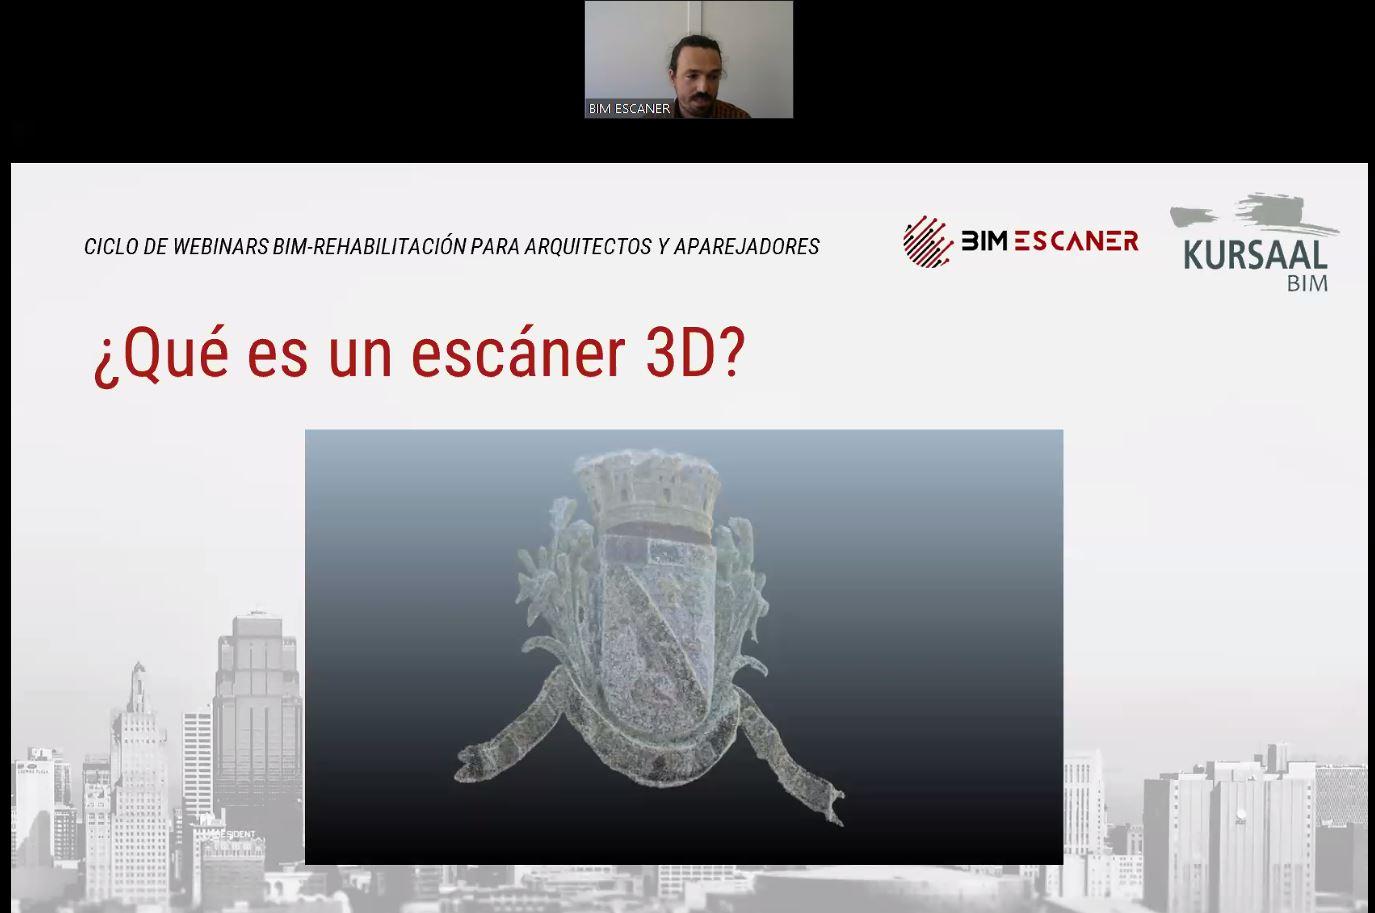 foto noticia: Organizamos junto con BIMEscáner un Ciclo de Webinars específicos sobre BIM y escáner 3D para REHABILITACIÓN